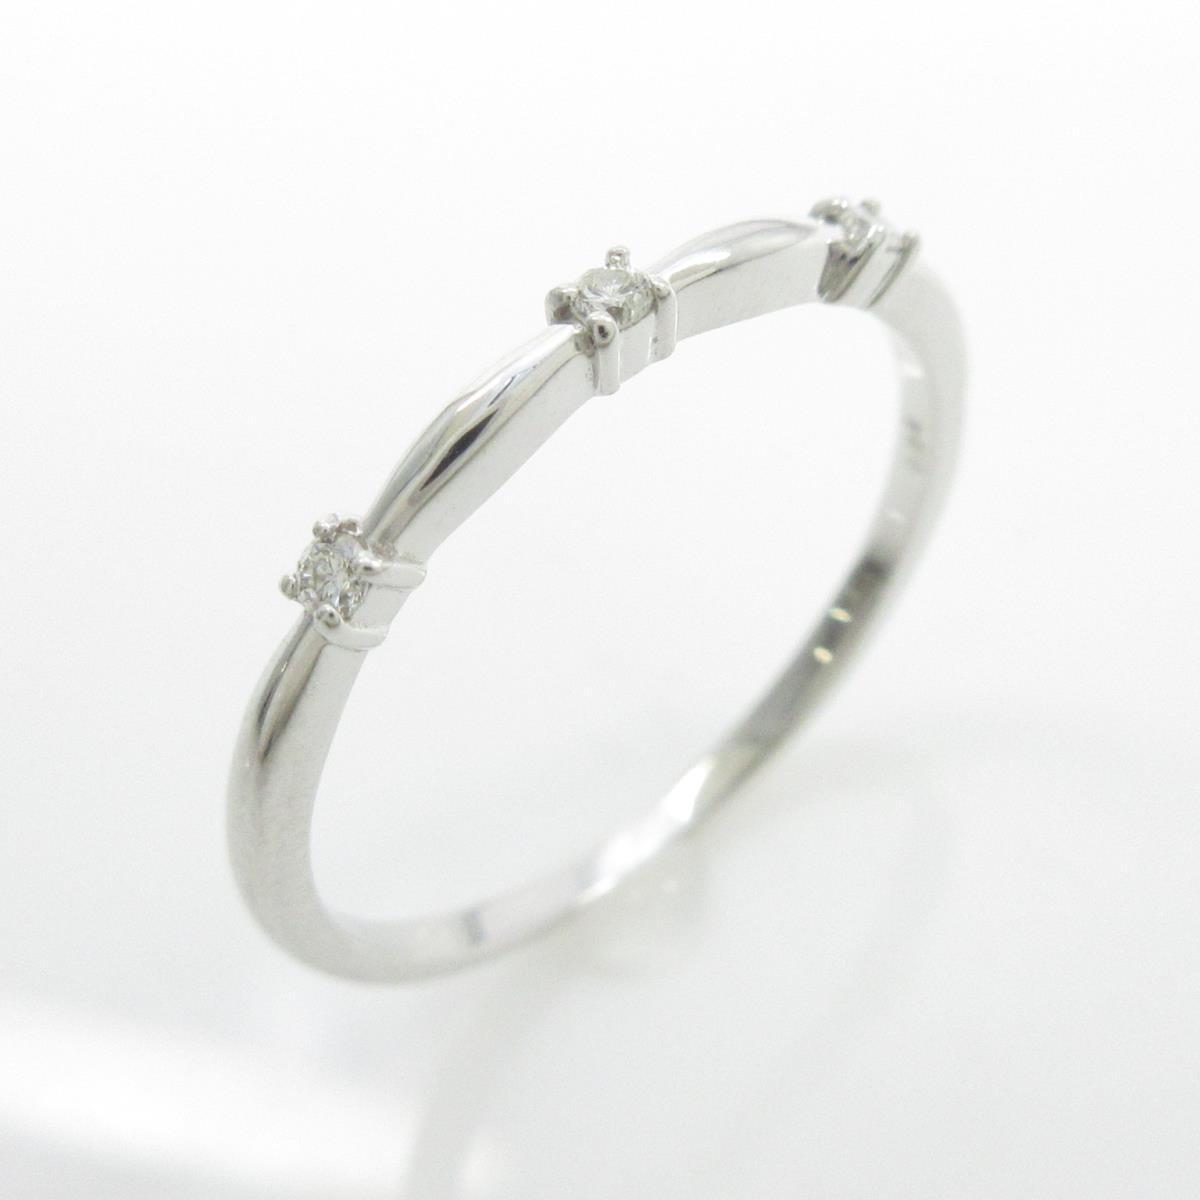 【リメイク】K18WG ダイヤモンドリング【中古】